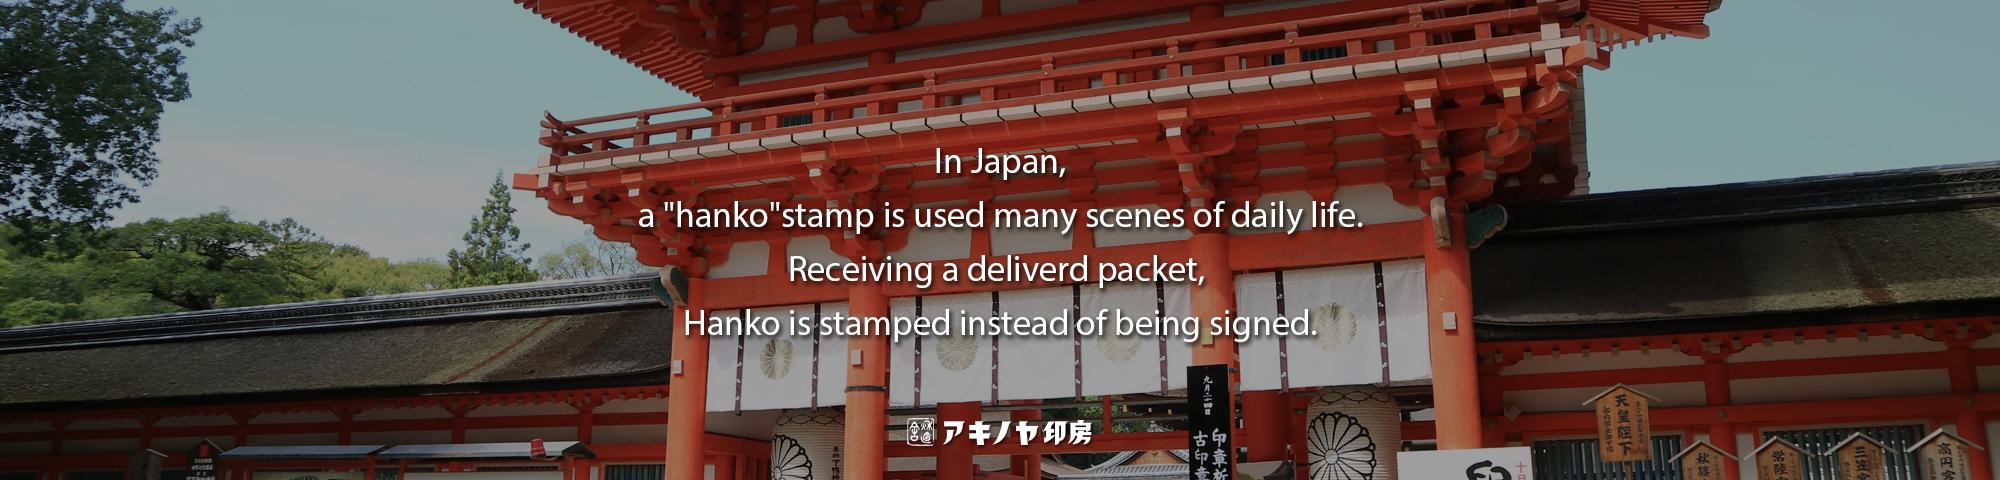 Kyoto AKINOYA HANKO (stamp) - Japanese kanji hanko stamp shop